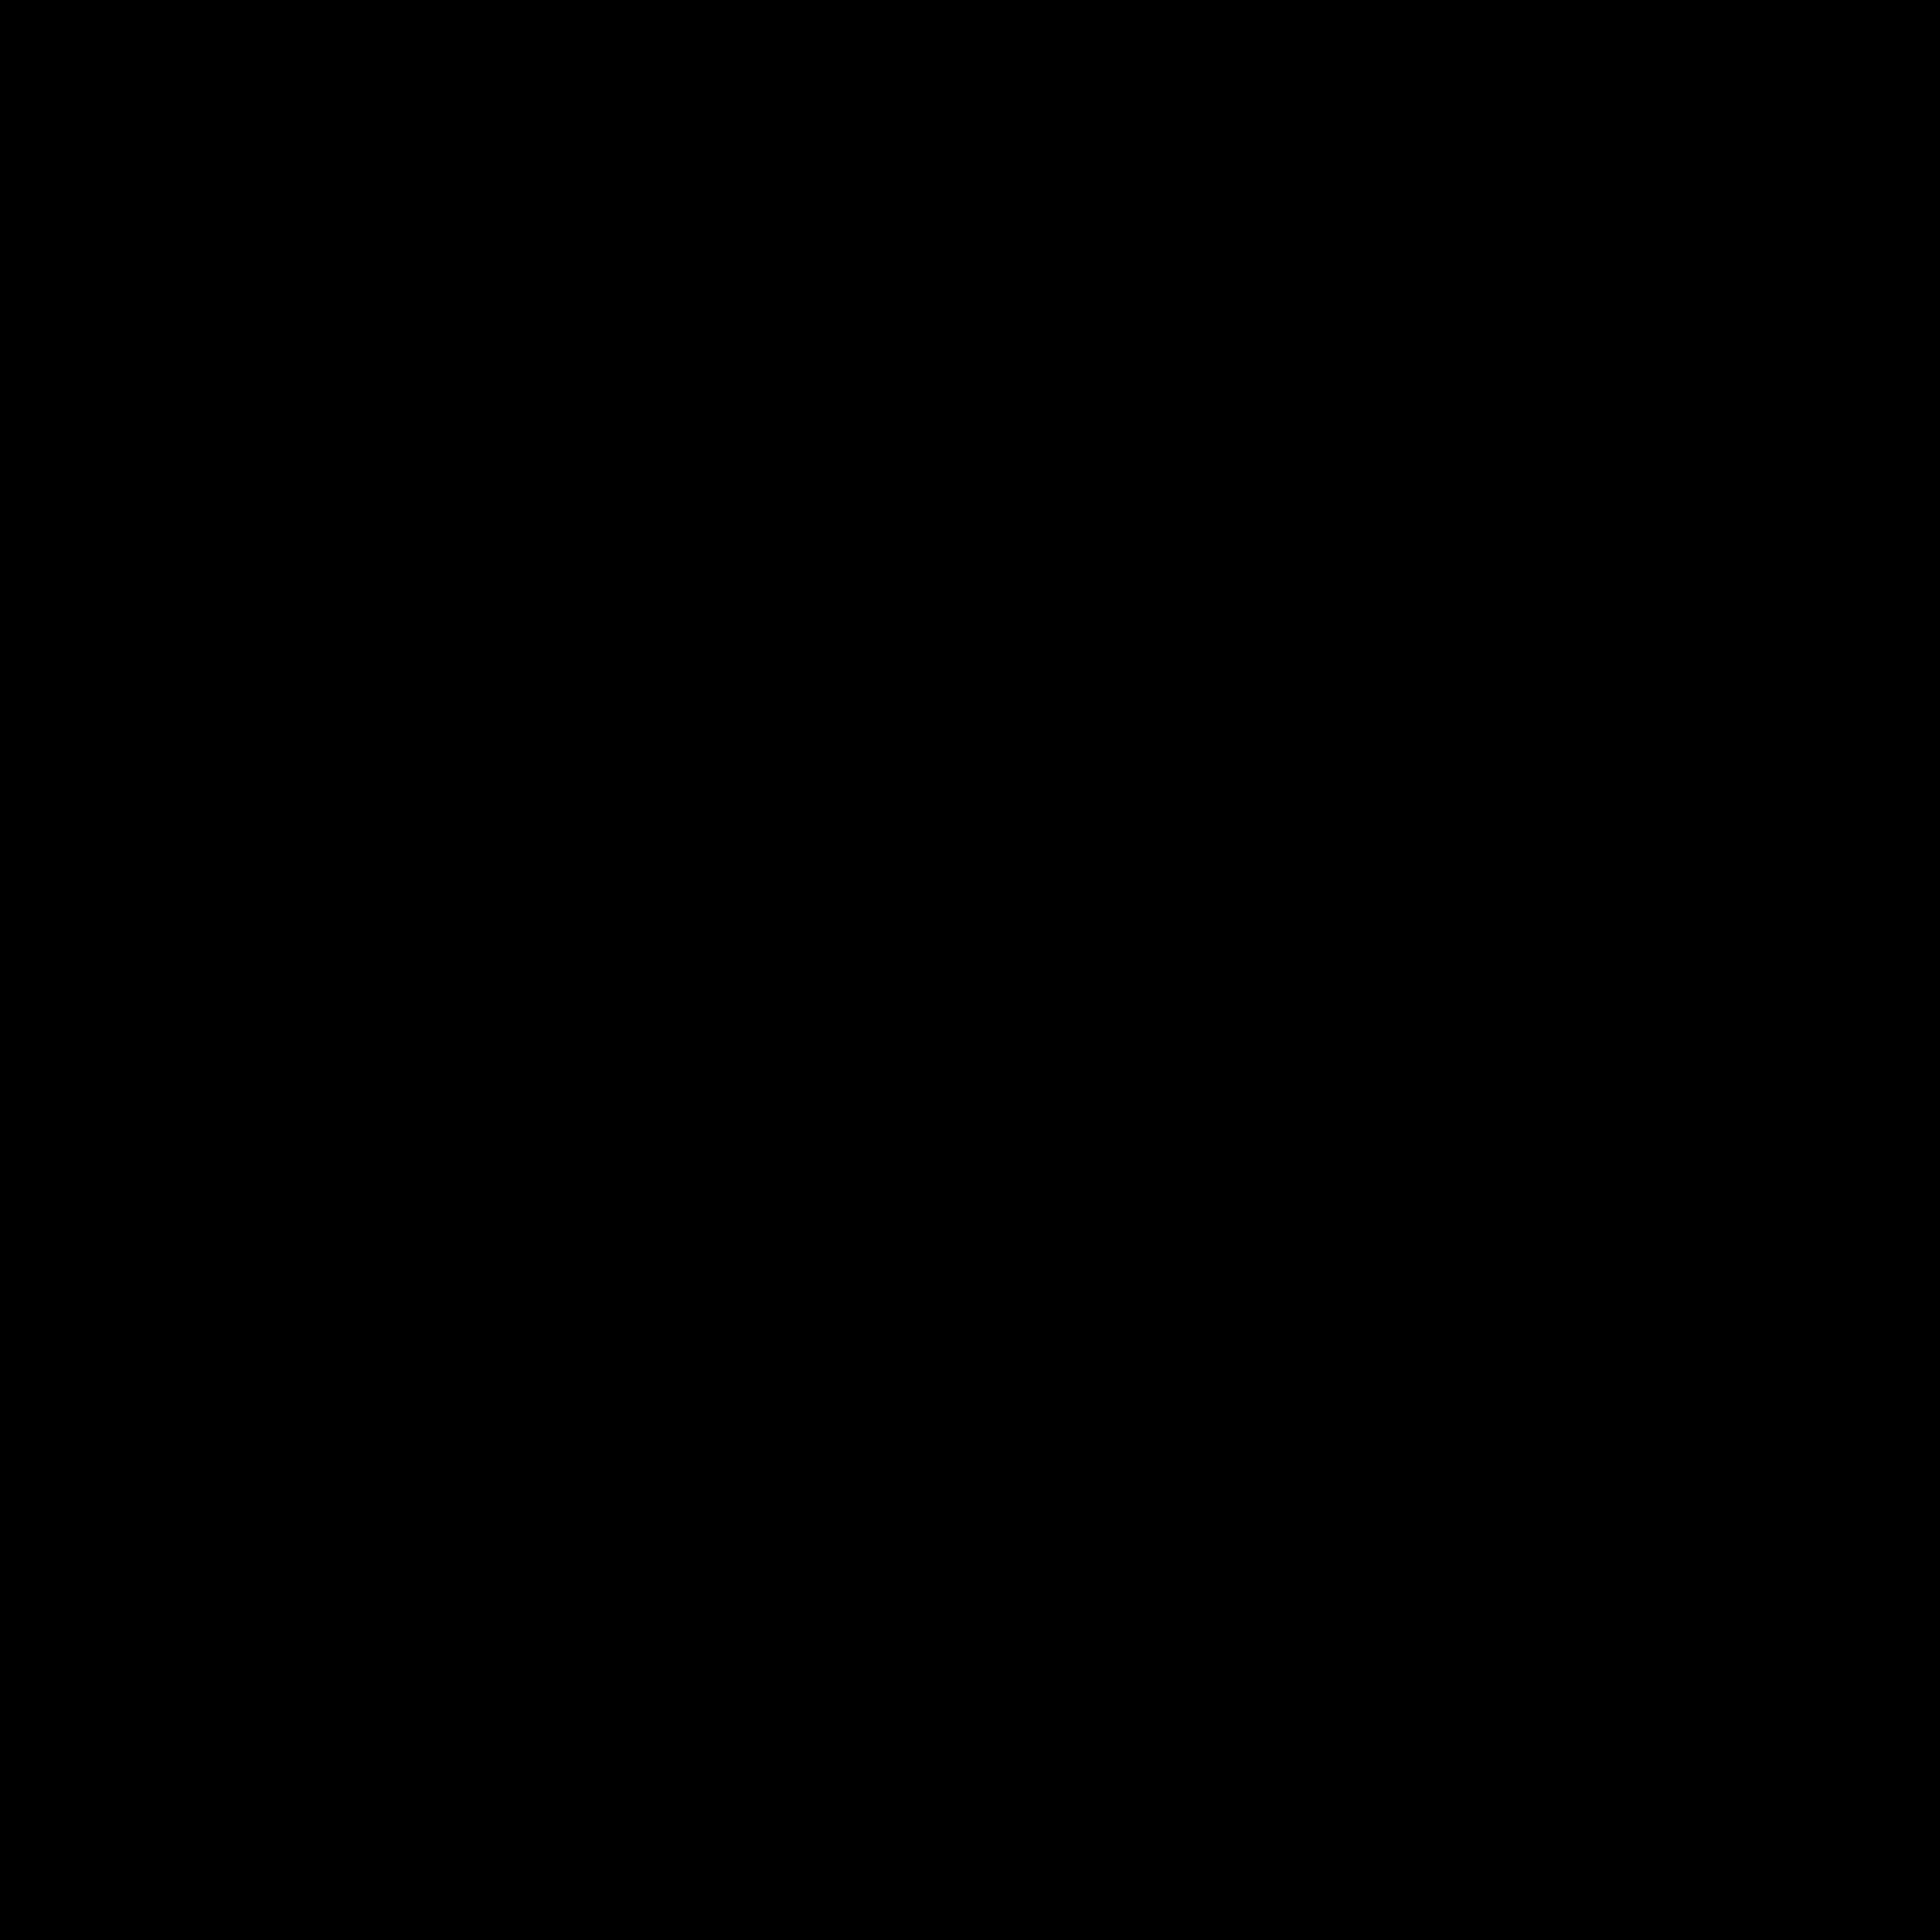 Лого для сайта по коммерческой недвижимости A77.RU - дизайнер vmelnikova